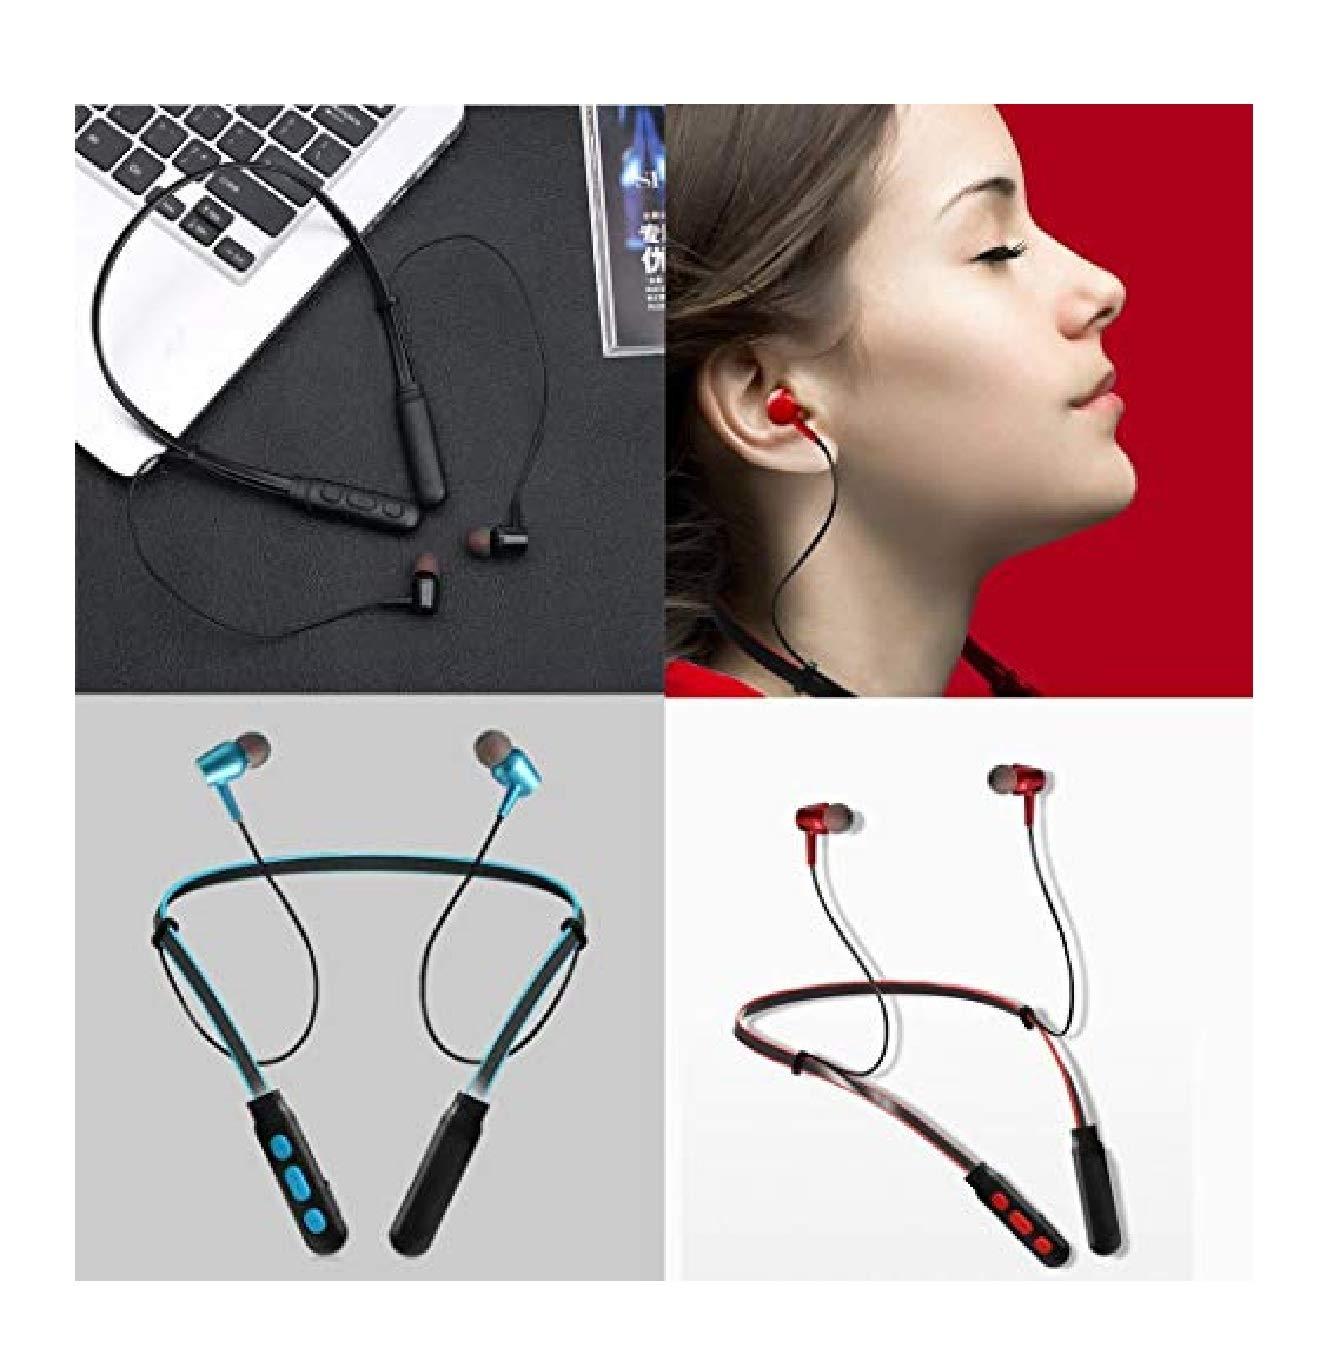 dozenla New Wireless Bluetooth Neckband Magnetic Hand-Free in-Ear Earphone Earbud Headphones